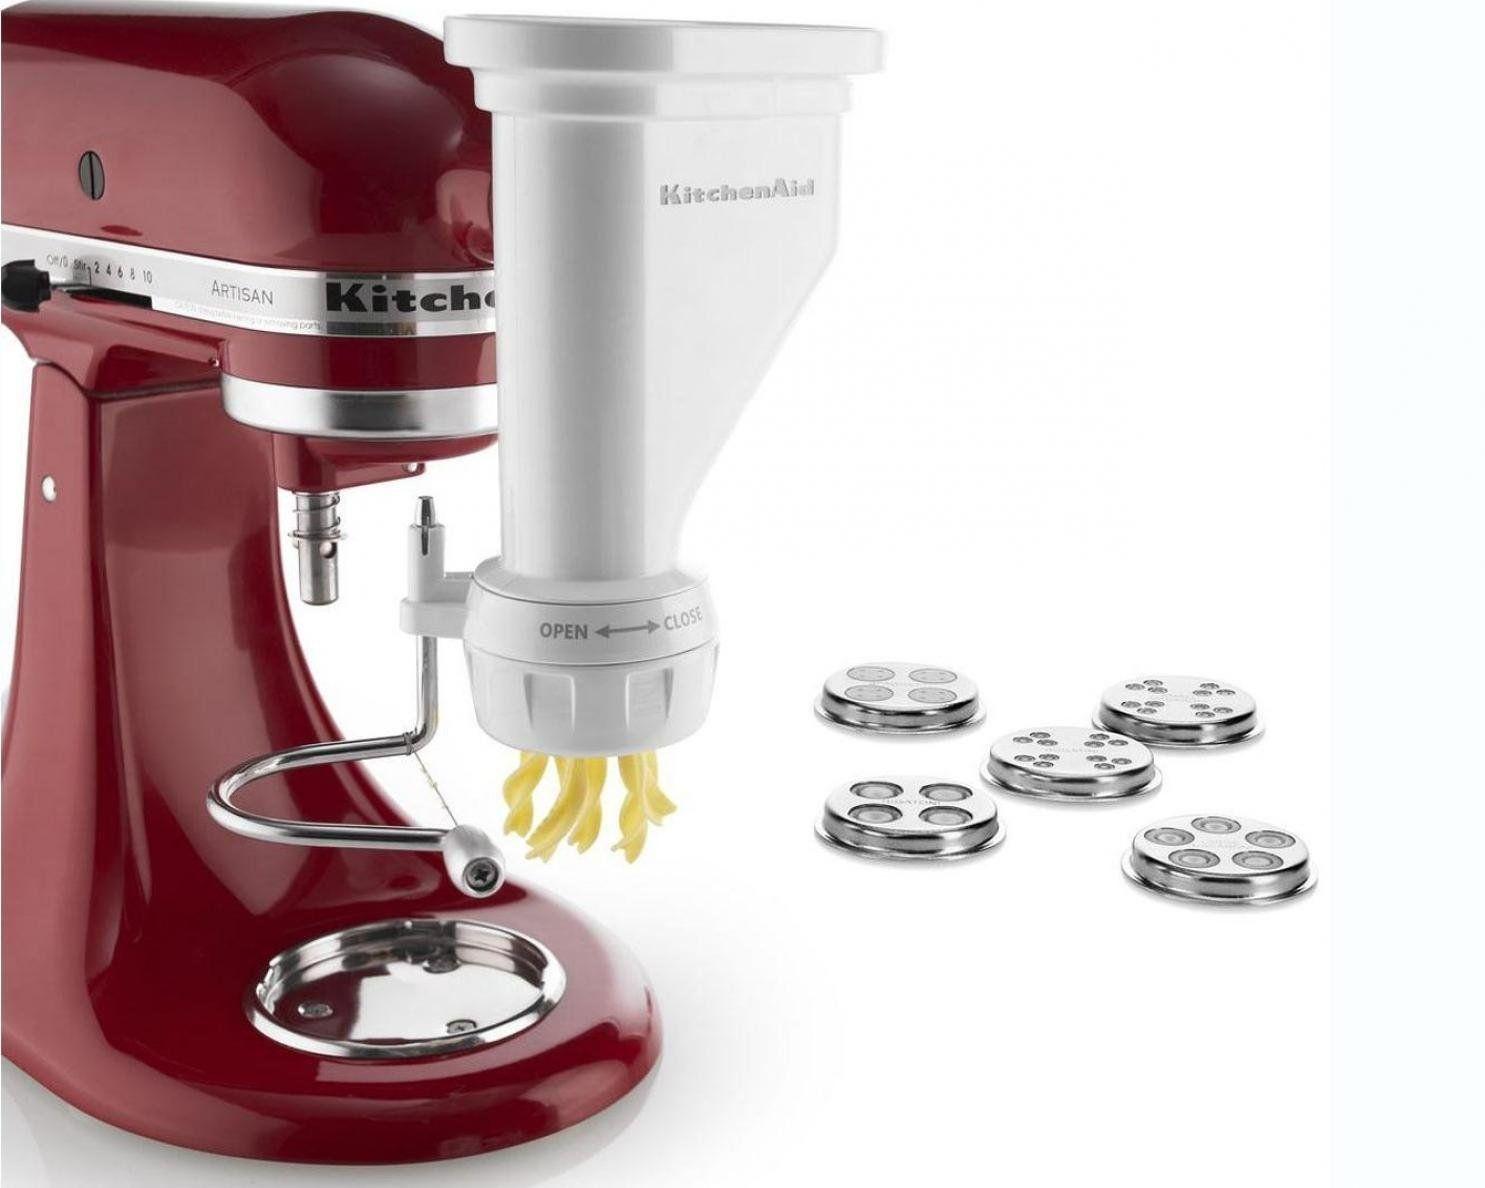 20 Amazing Kitchen Aid Mixer Attachments Kitchenaid Pasta Kitchen Aid Mixer Attachments Kitchen Aid Pasta Attachment